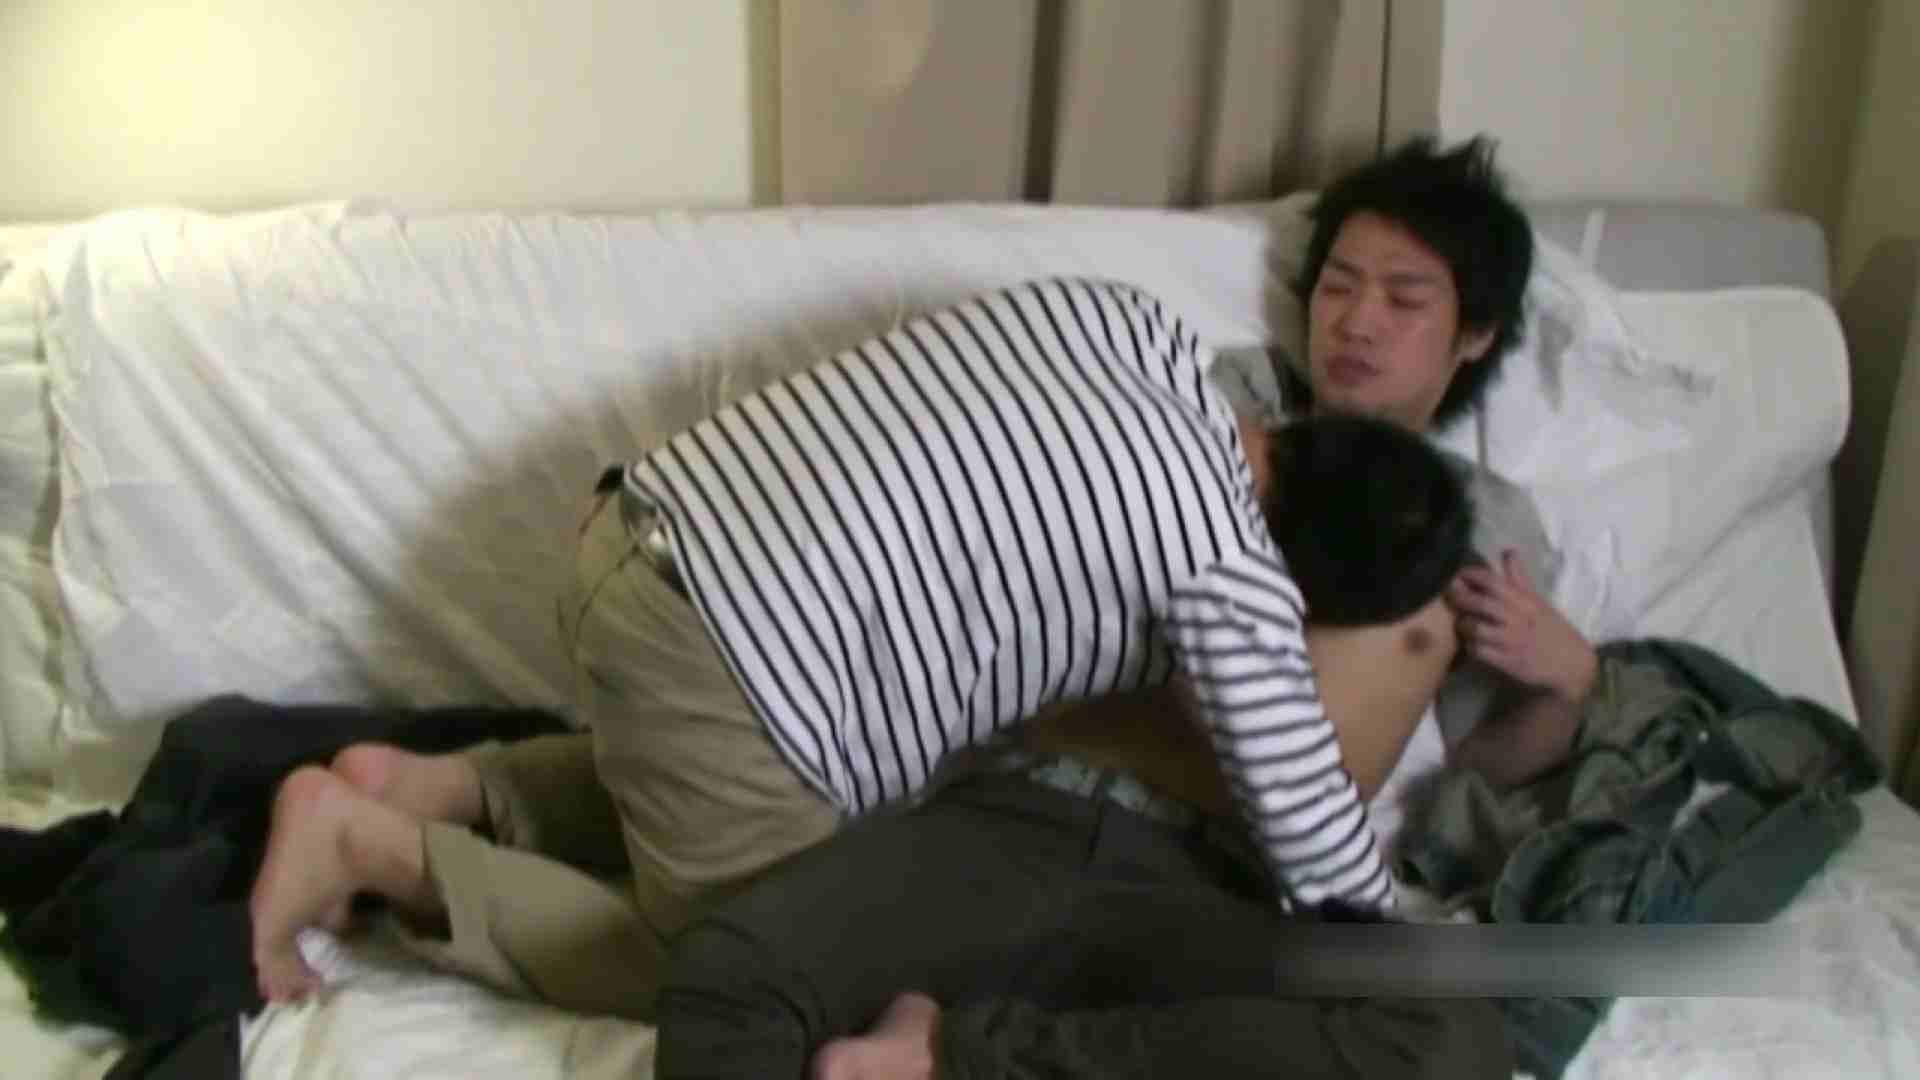 兄弟のように愛し合う Vol.01 フェラ ゲイ素人エロ画像 79枚 40